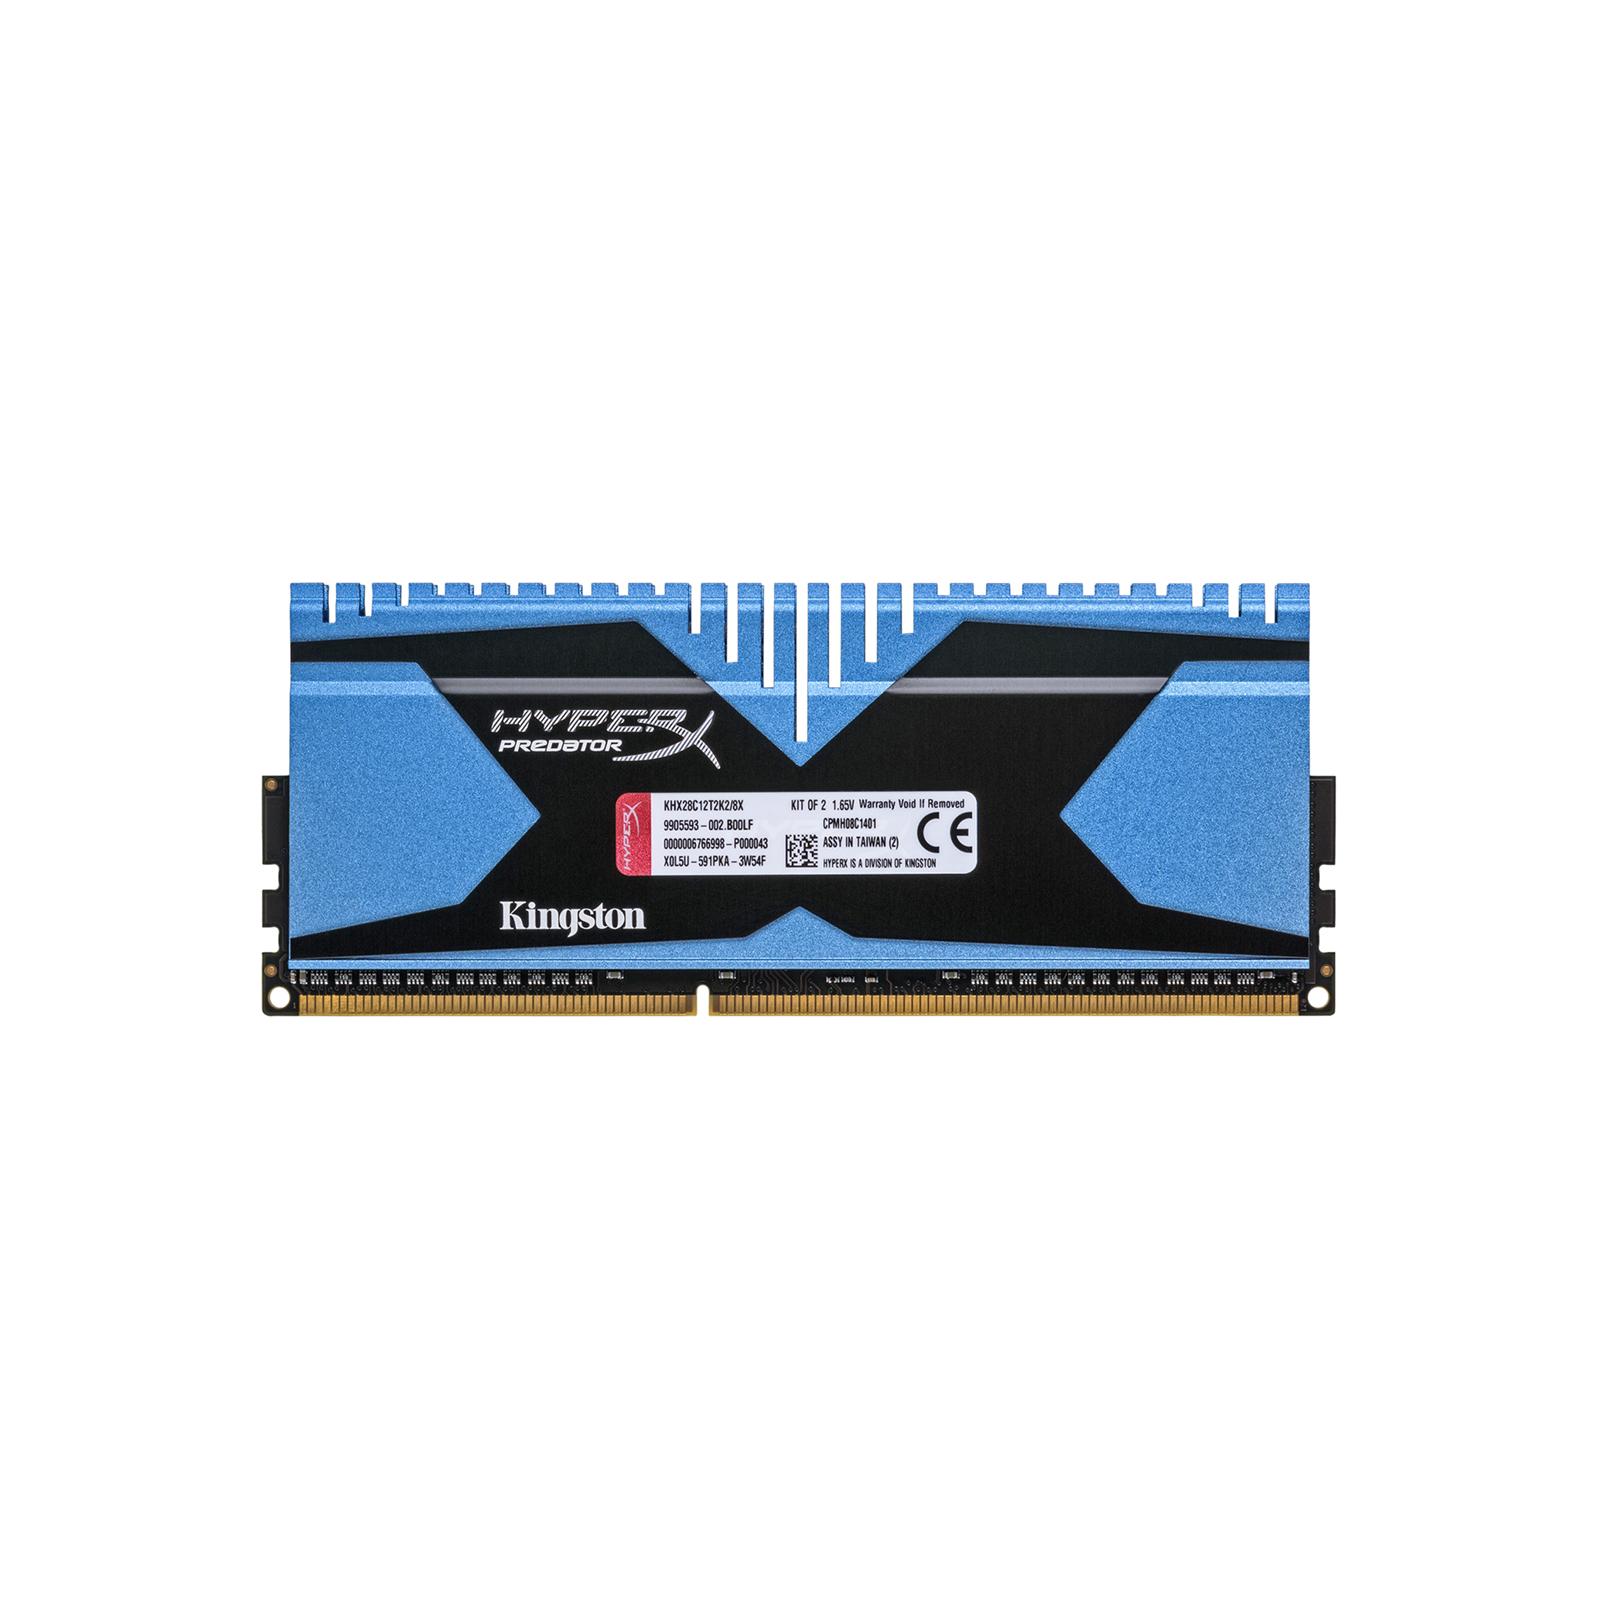 Модуль памяти для компьютера DDR3 8GB (2x4GB) 2800 MHz Kingston (KHX28C12T2K2/8X) изображение 2